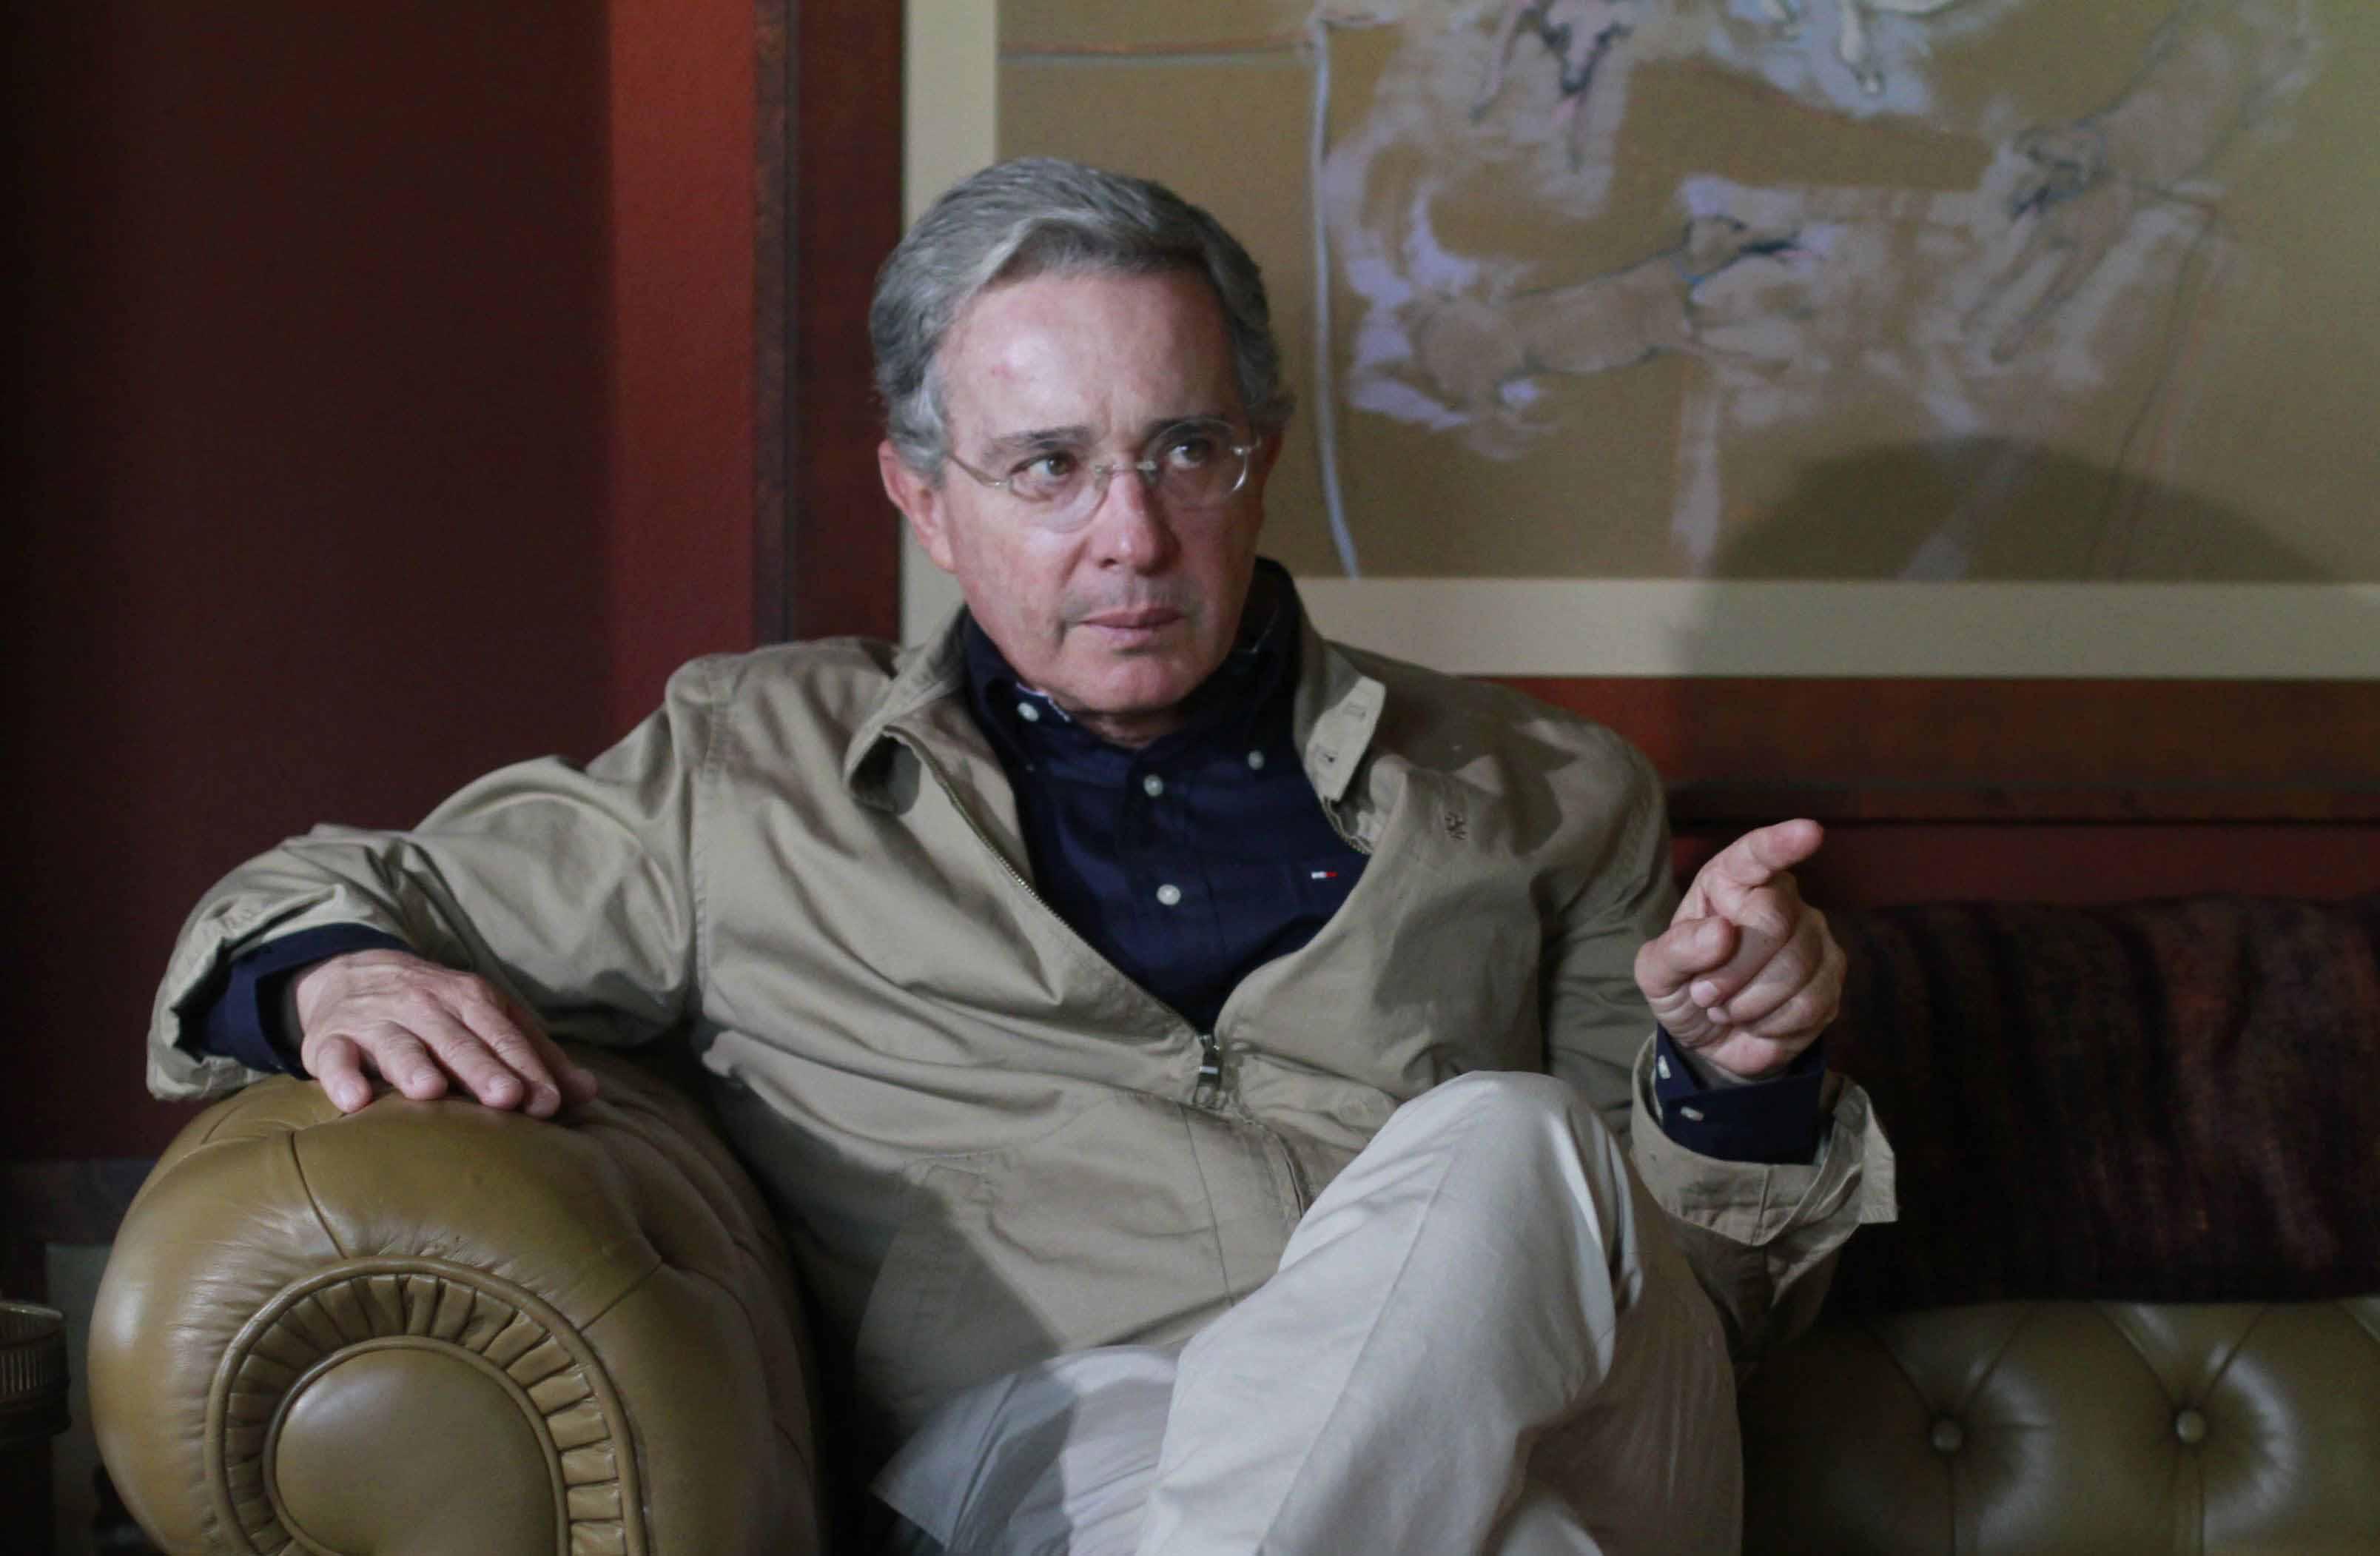 El grupo armado canceló el encuentro donde se discutirían las objeciones planteadas por la derecha radical liderada por Álvaro Uribe